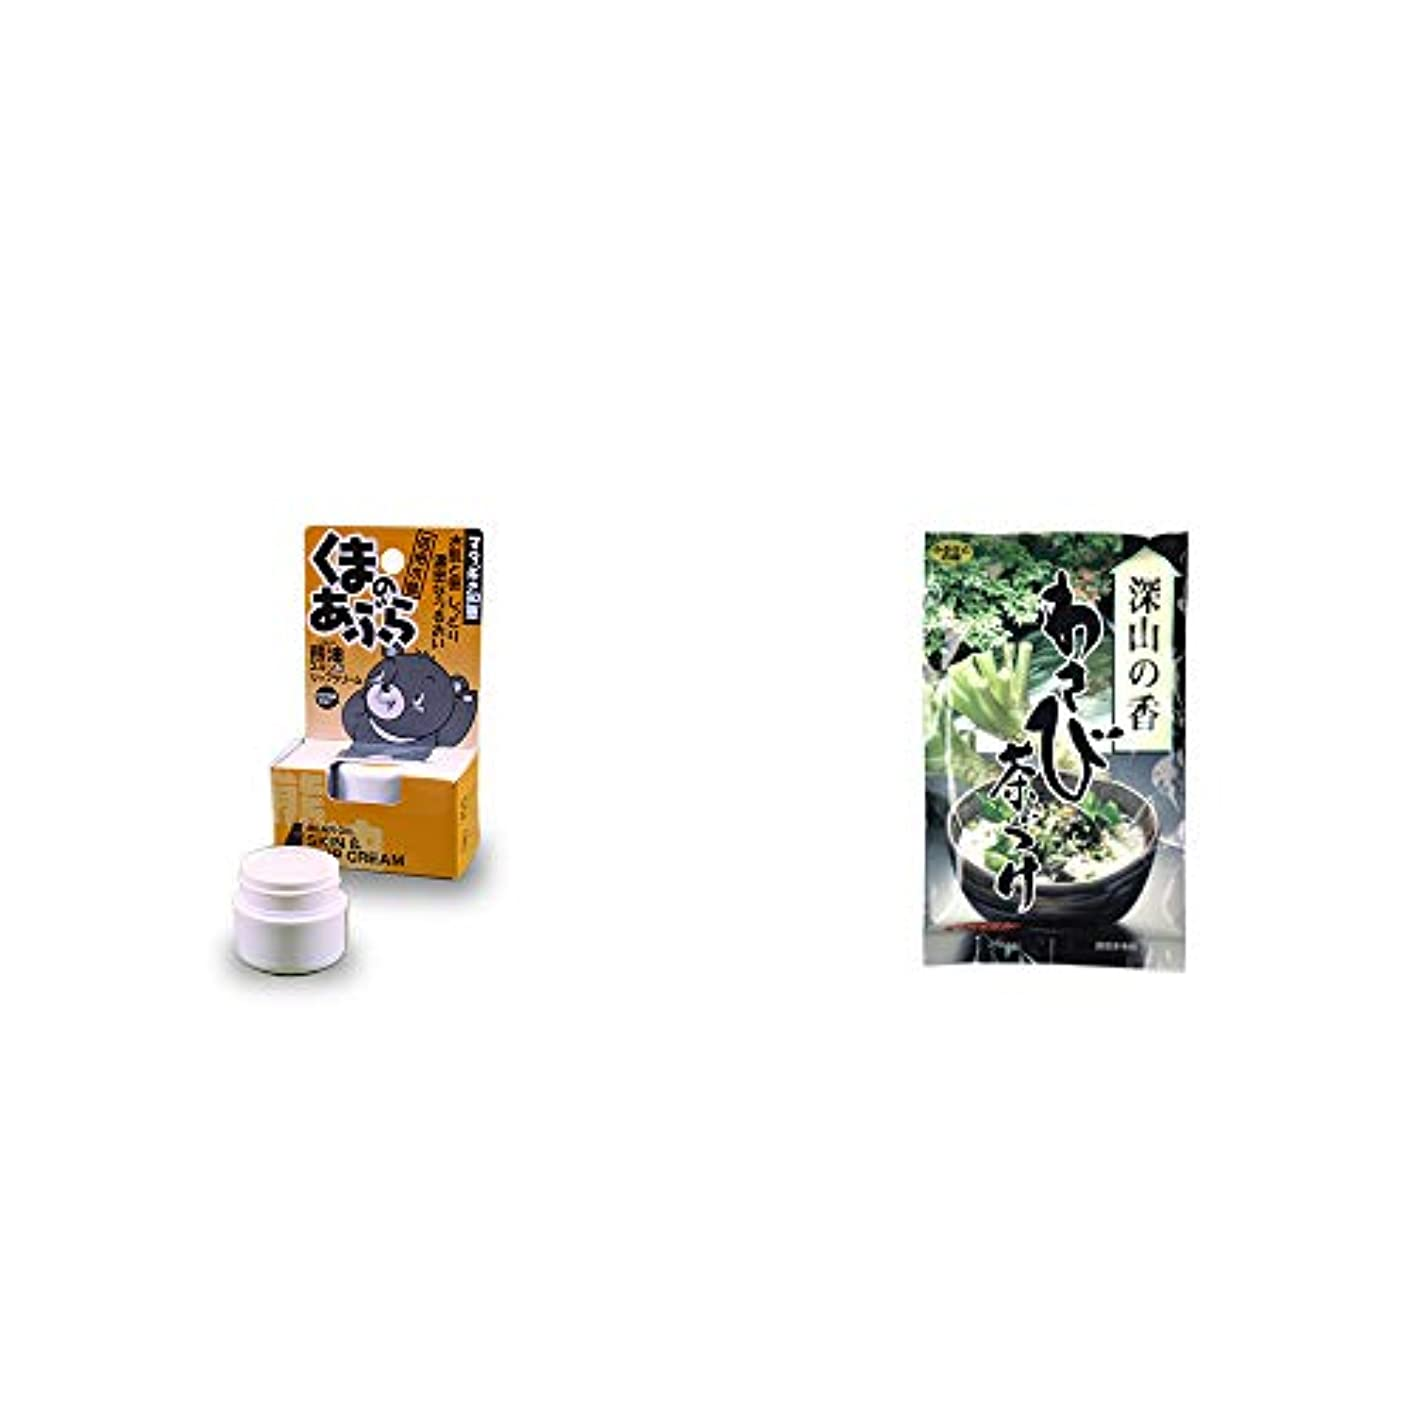 仮定する小康アラビア語[2点セット] 信州木曽 くまのあぶら 熊油スキン&リップクリーム(9g)?特選茶漬け 深山の香 わさび茶づけ(10袋入)